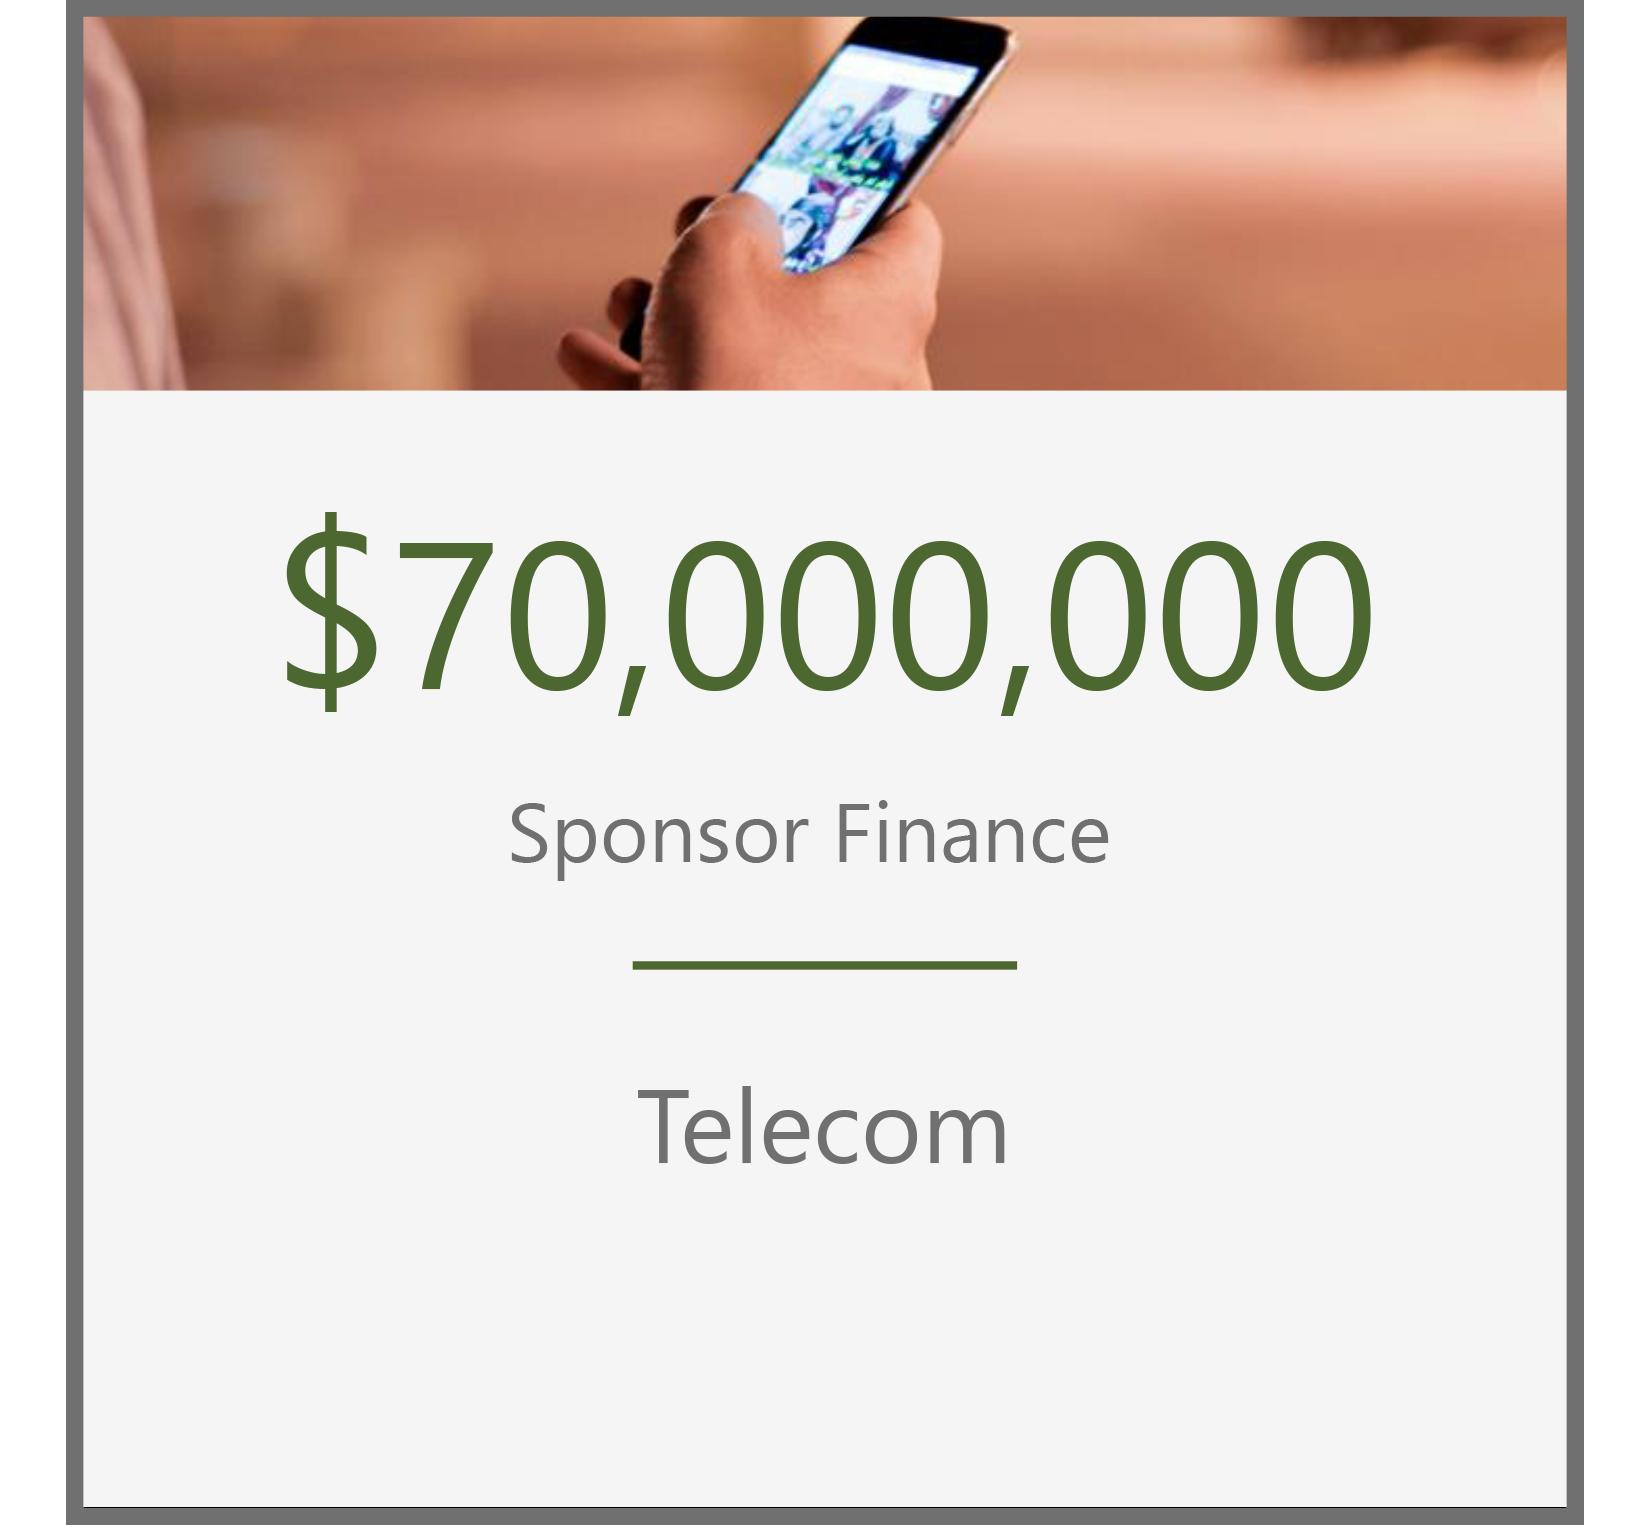 Telecom.png